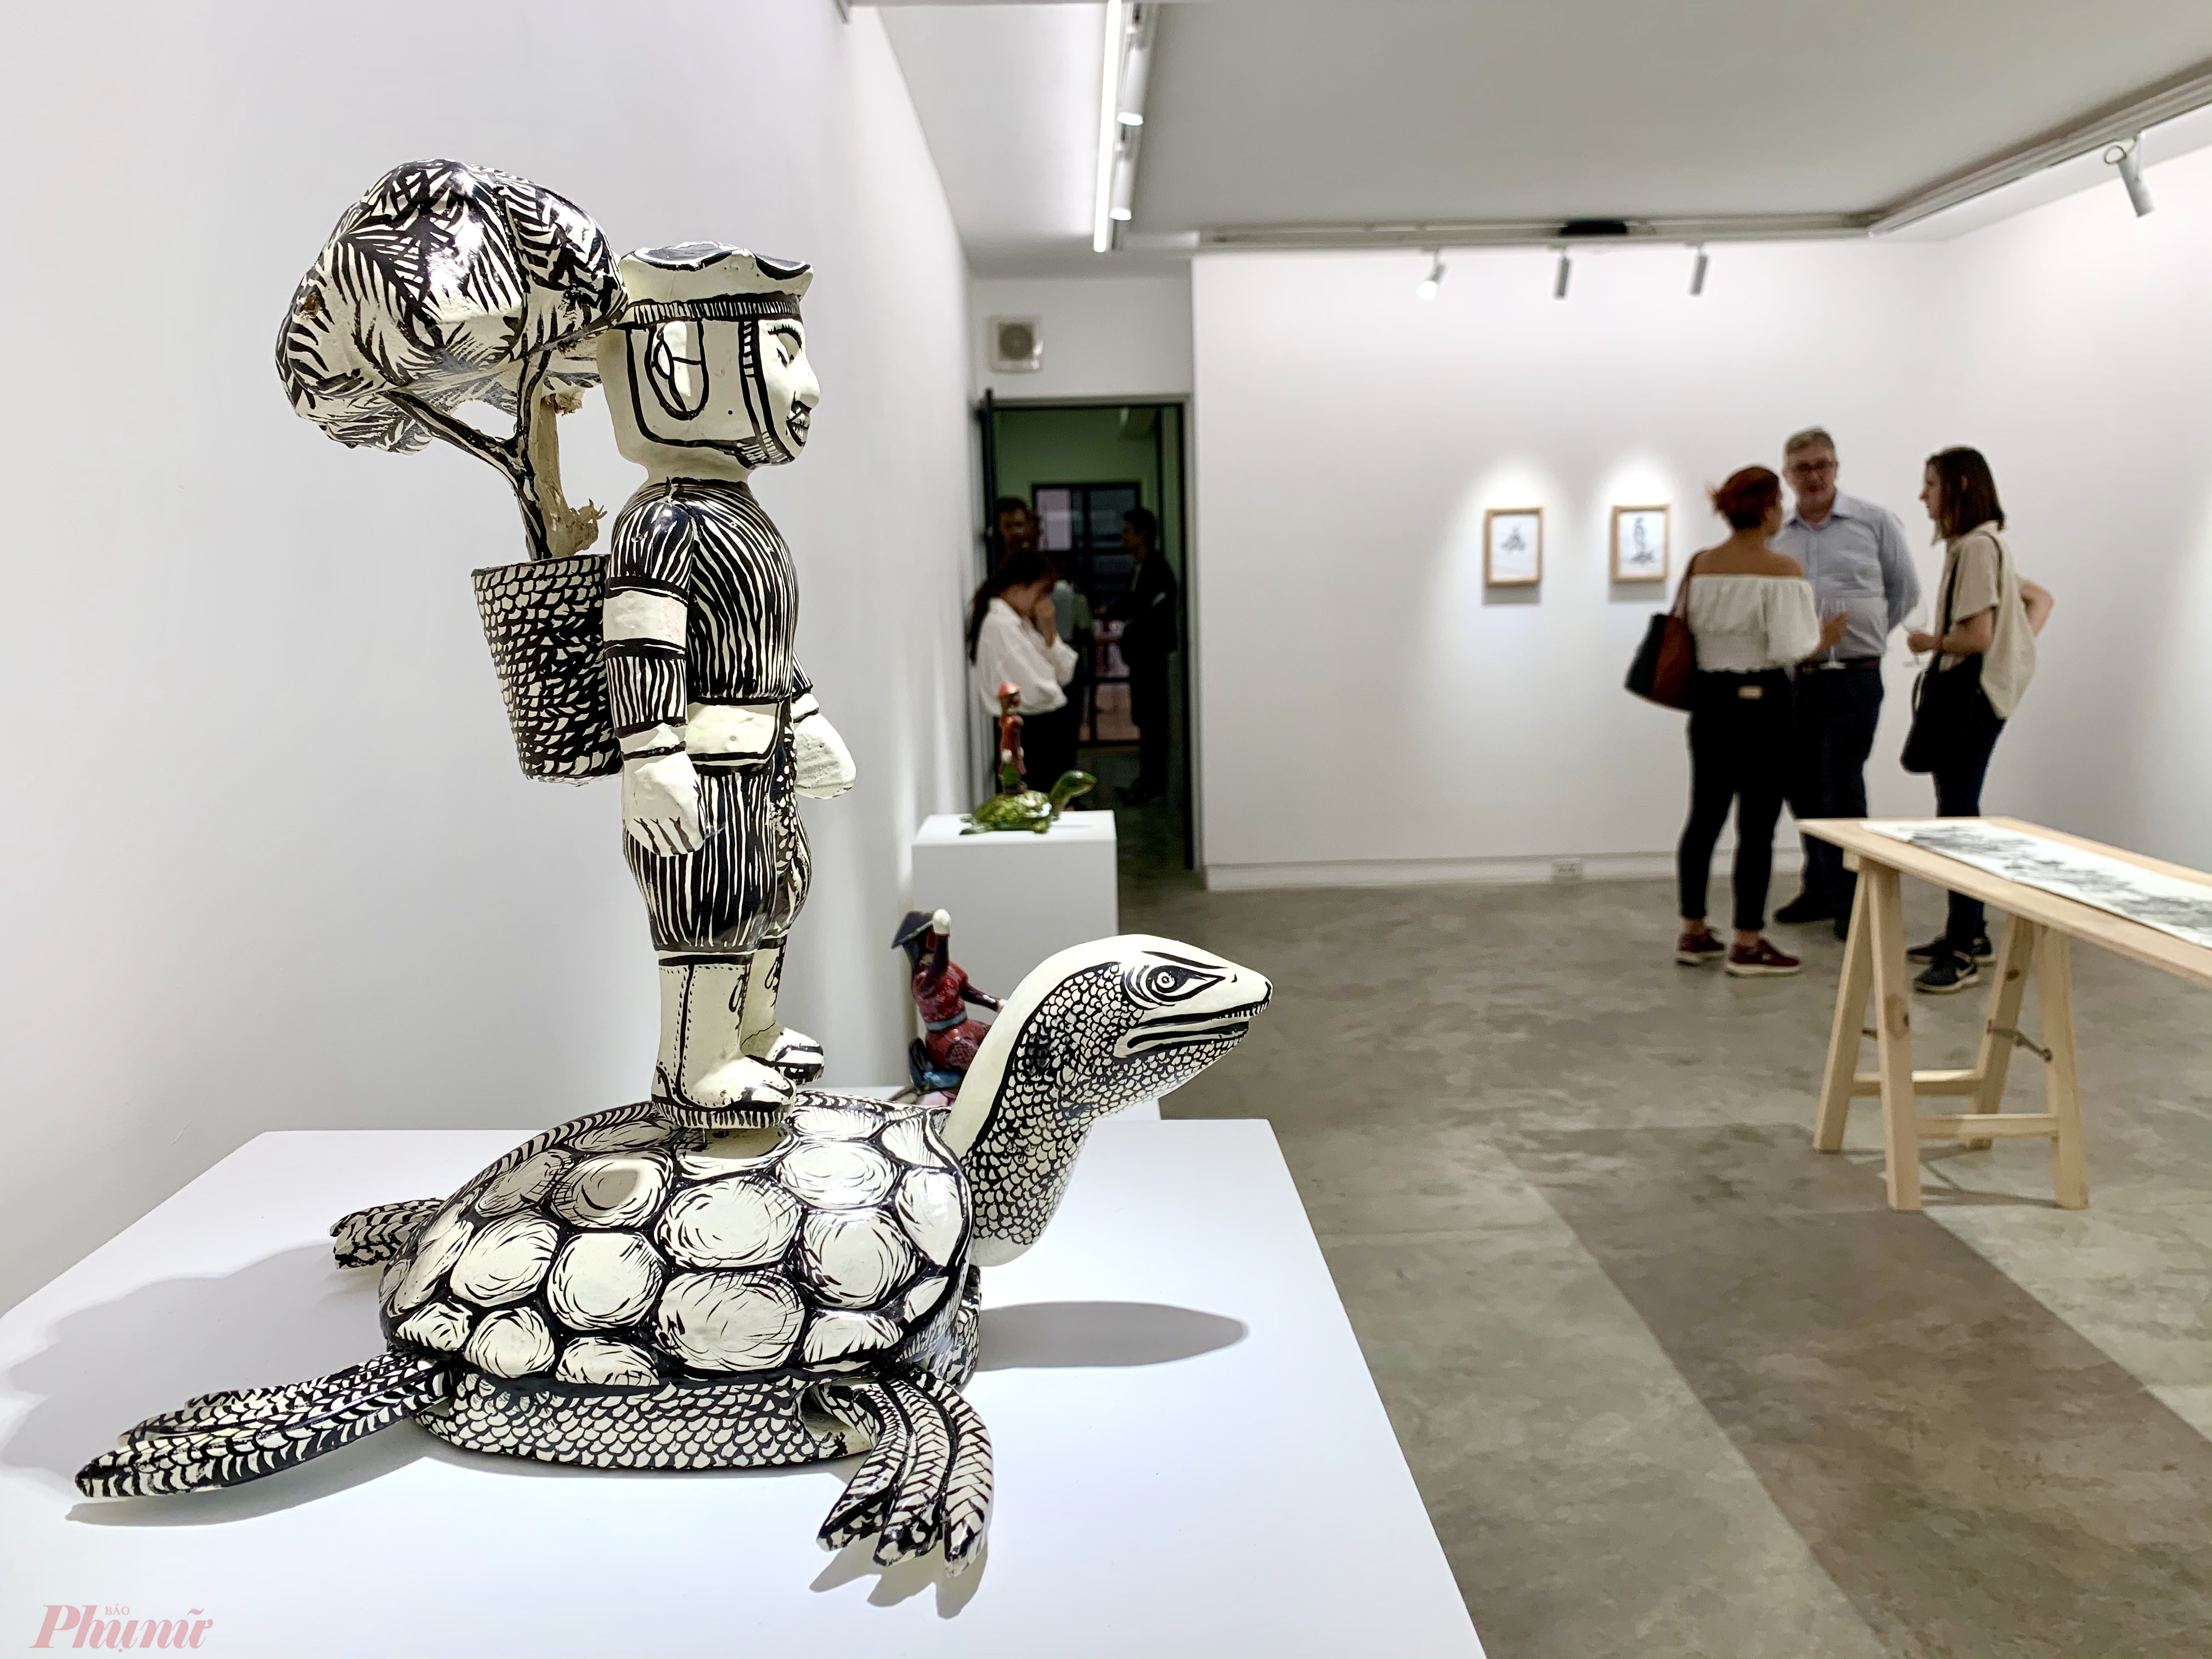 Chủ nhân tác phẩm cho biết người lính không ra trận với con rùa nhưng trong văn hoá Việt, rùa là con vật được thờ nên ông muốn tạo ra những sự kết hợp mới.